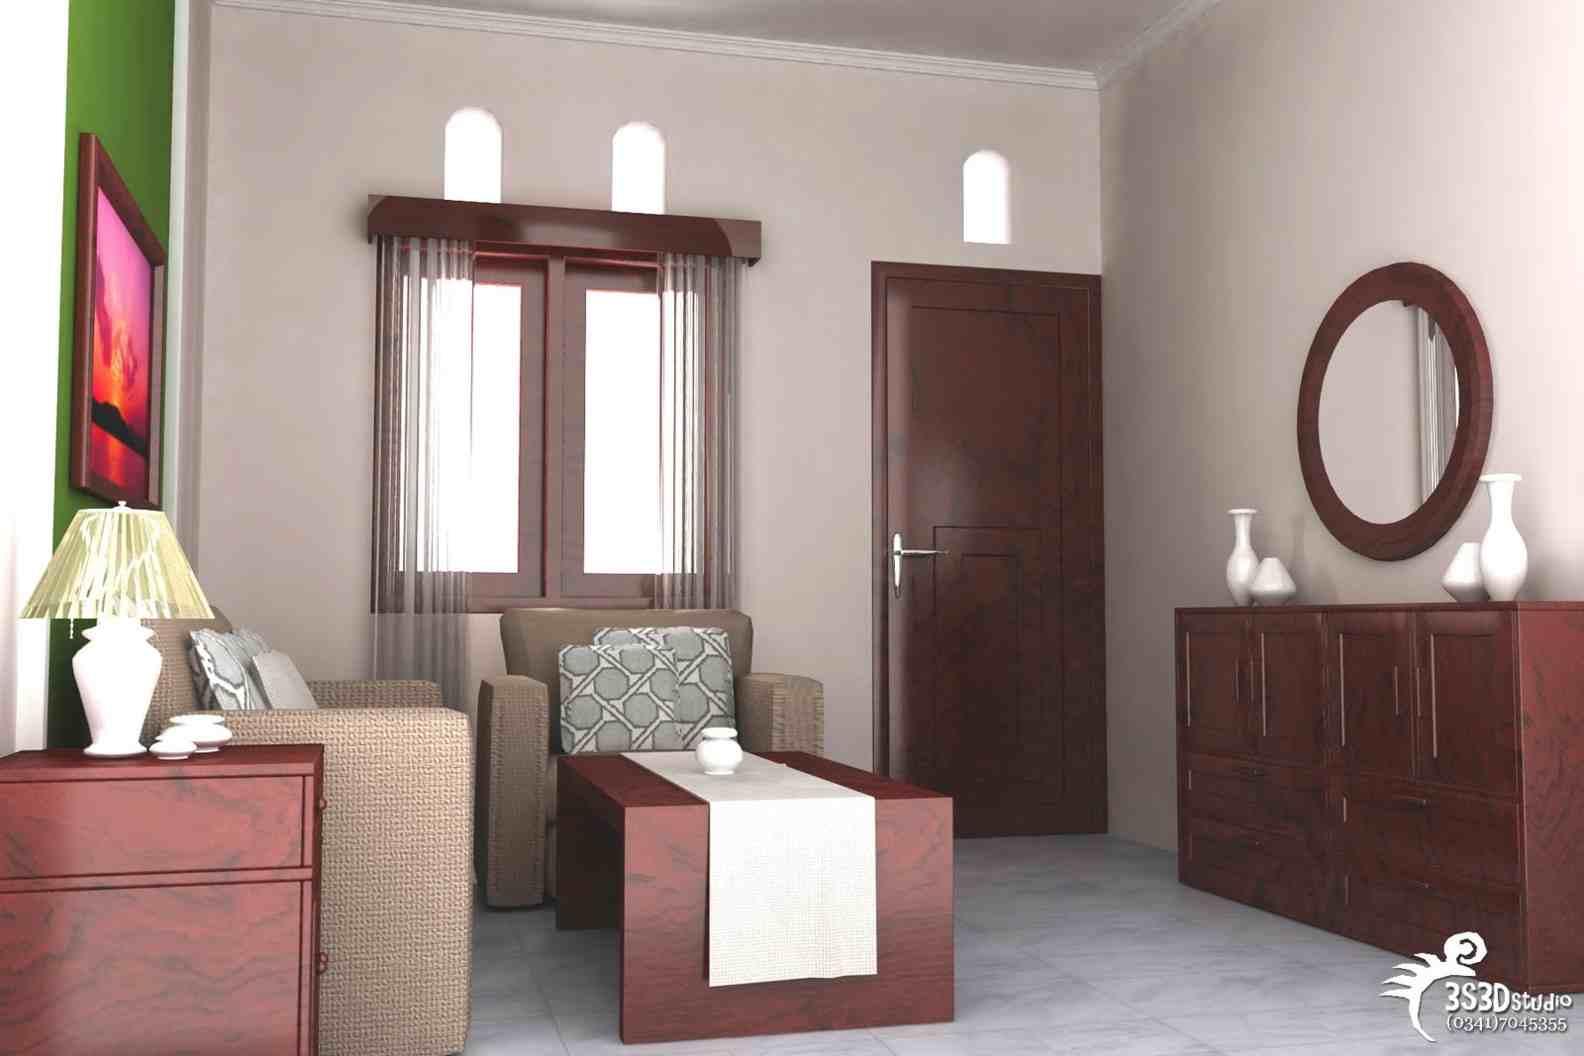 Desain Rumah Minimalis Type 21 1 2 Lantai Sederhana